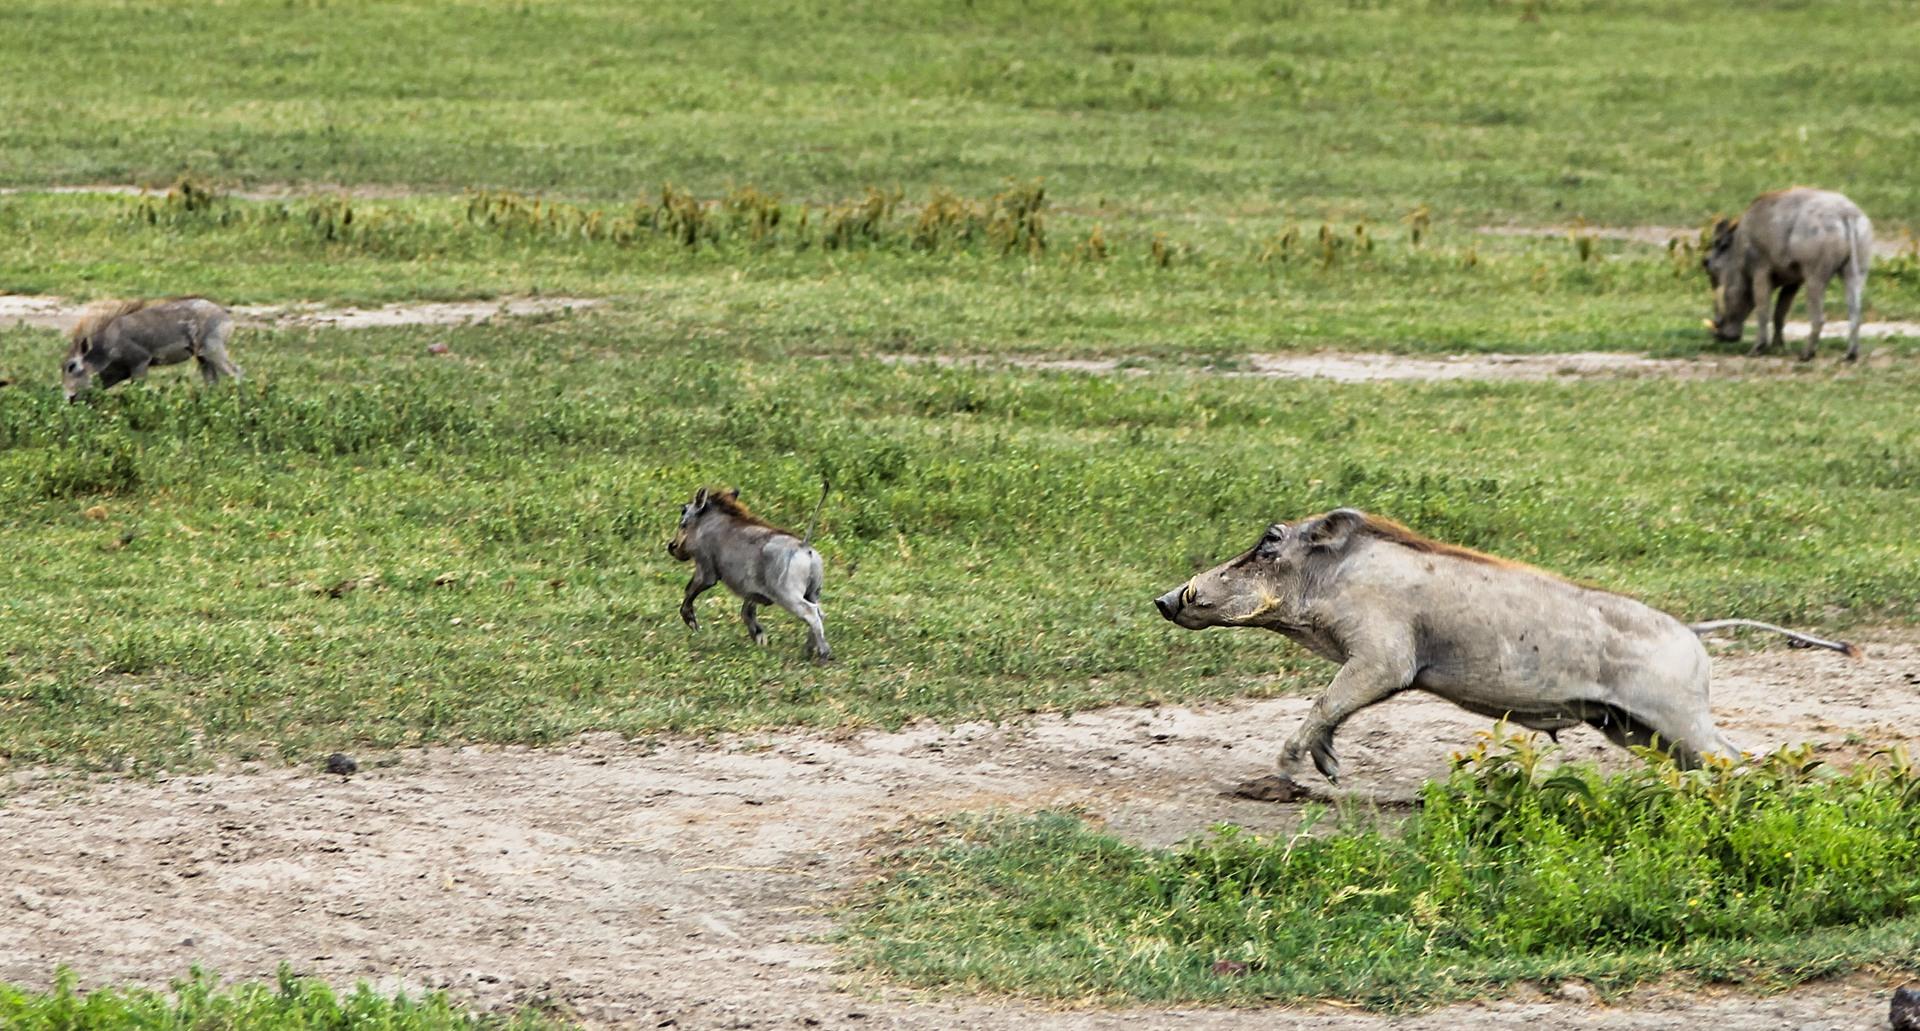 Африканский бородавочник Warthog (Phacochoerus africanus), Нгоронгоро